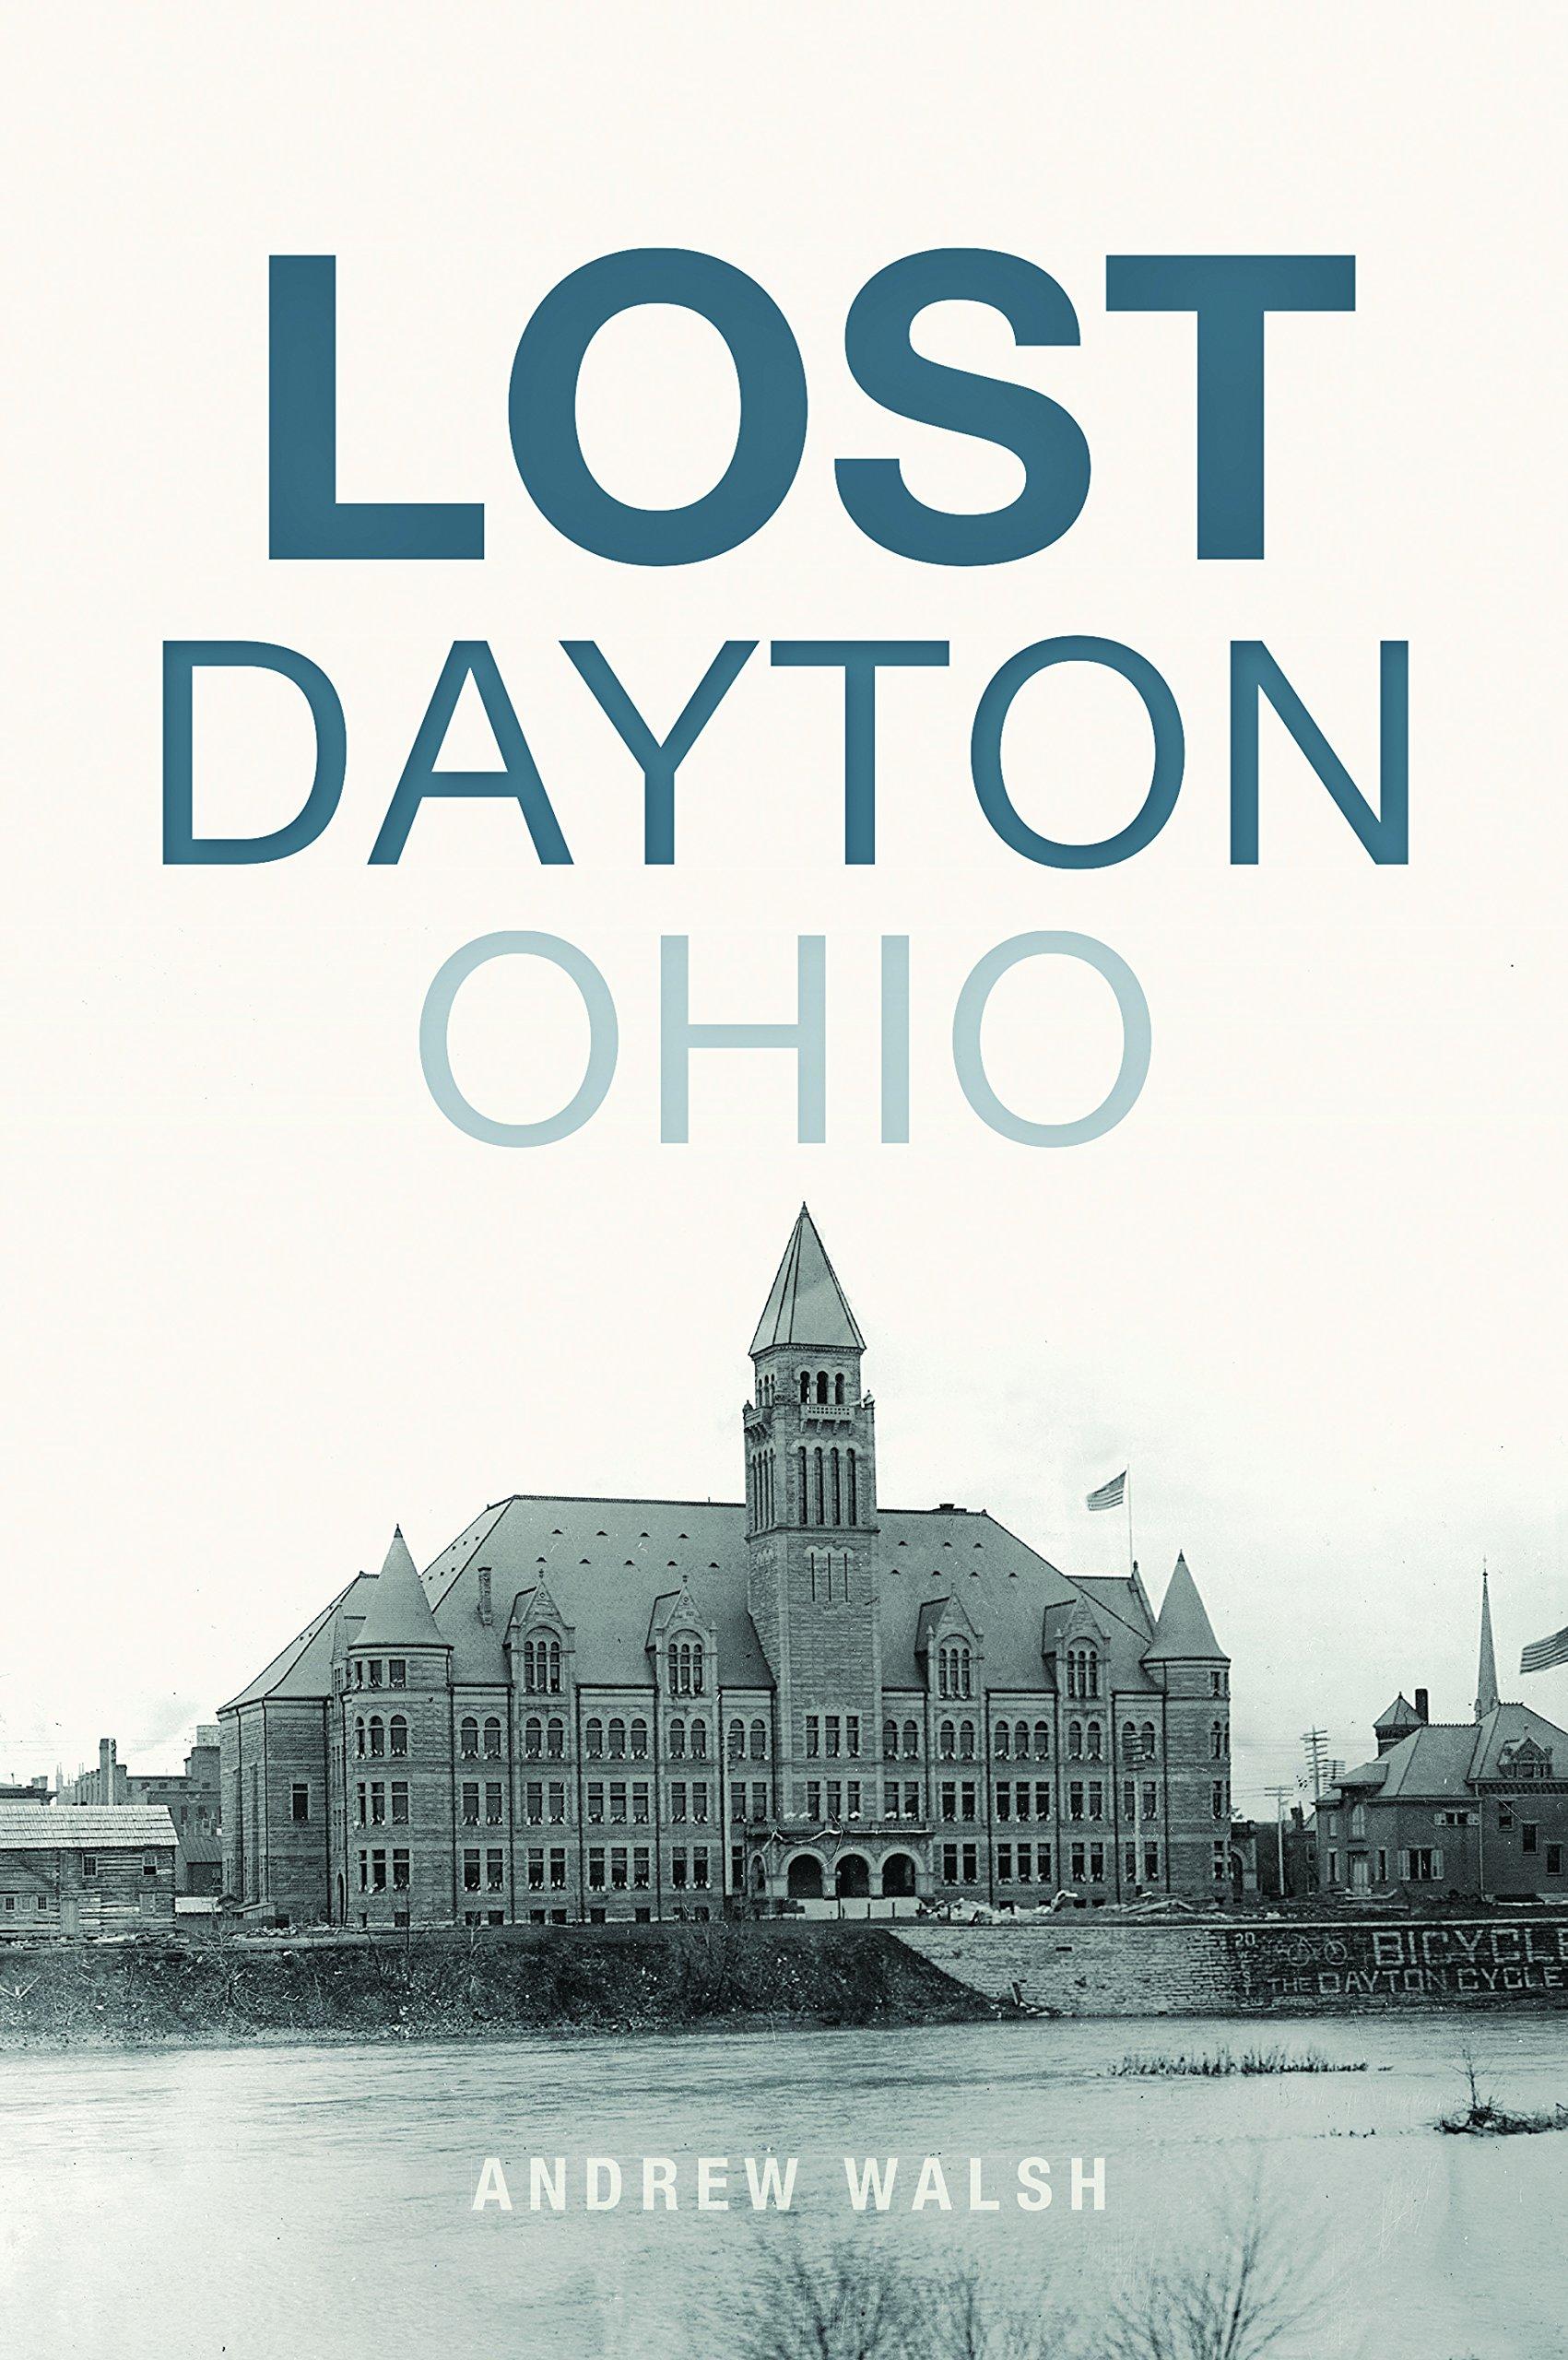 Lost Dayton Ohio Andrew Walsh Amazon Books